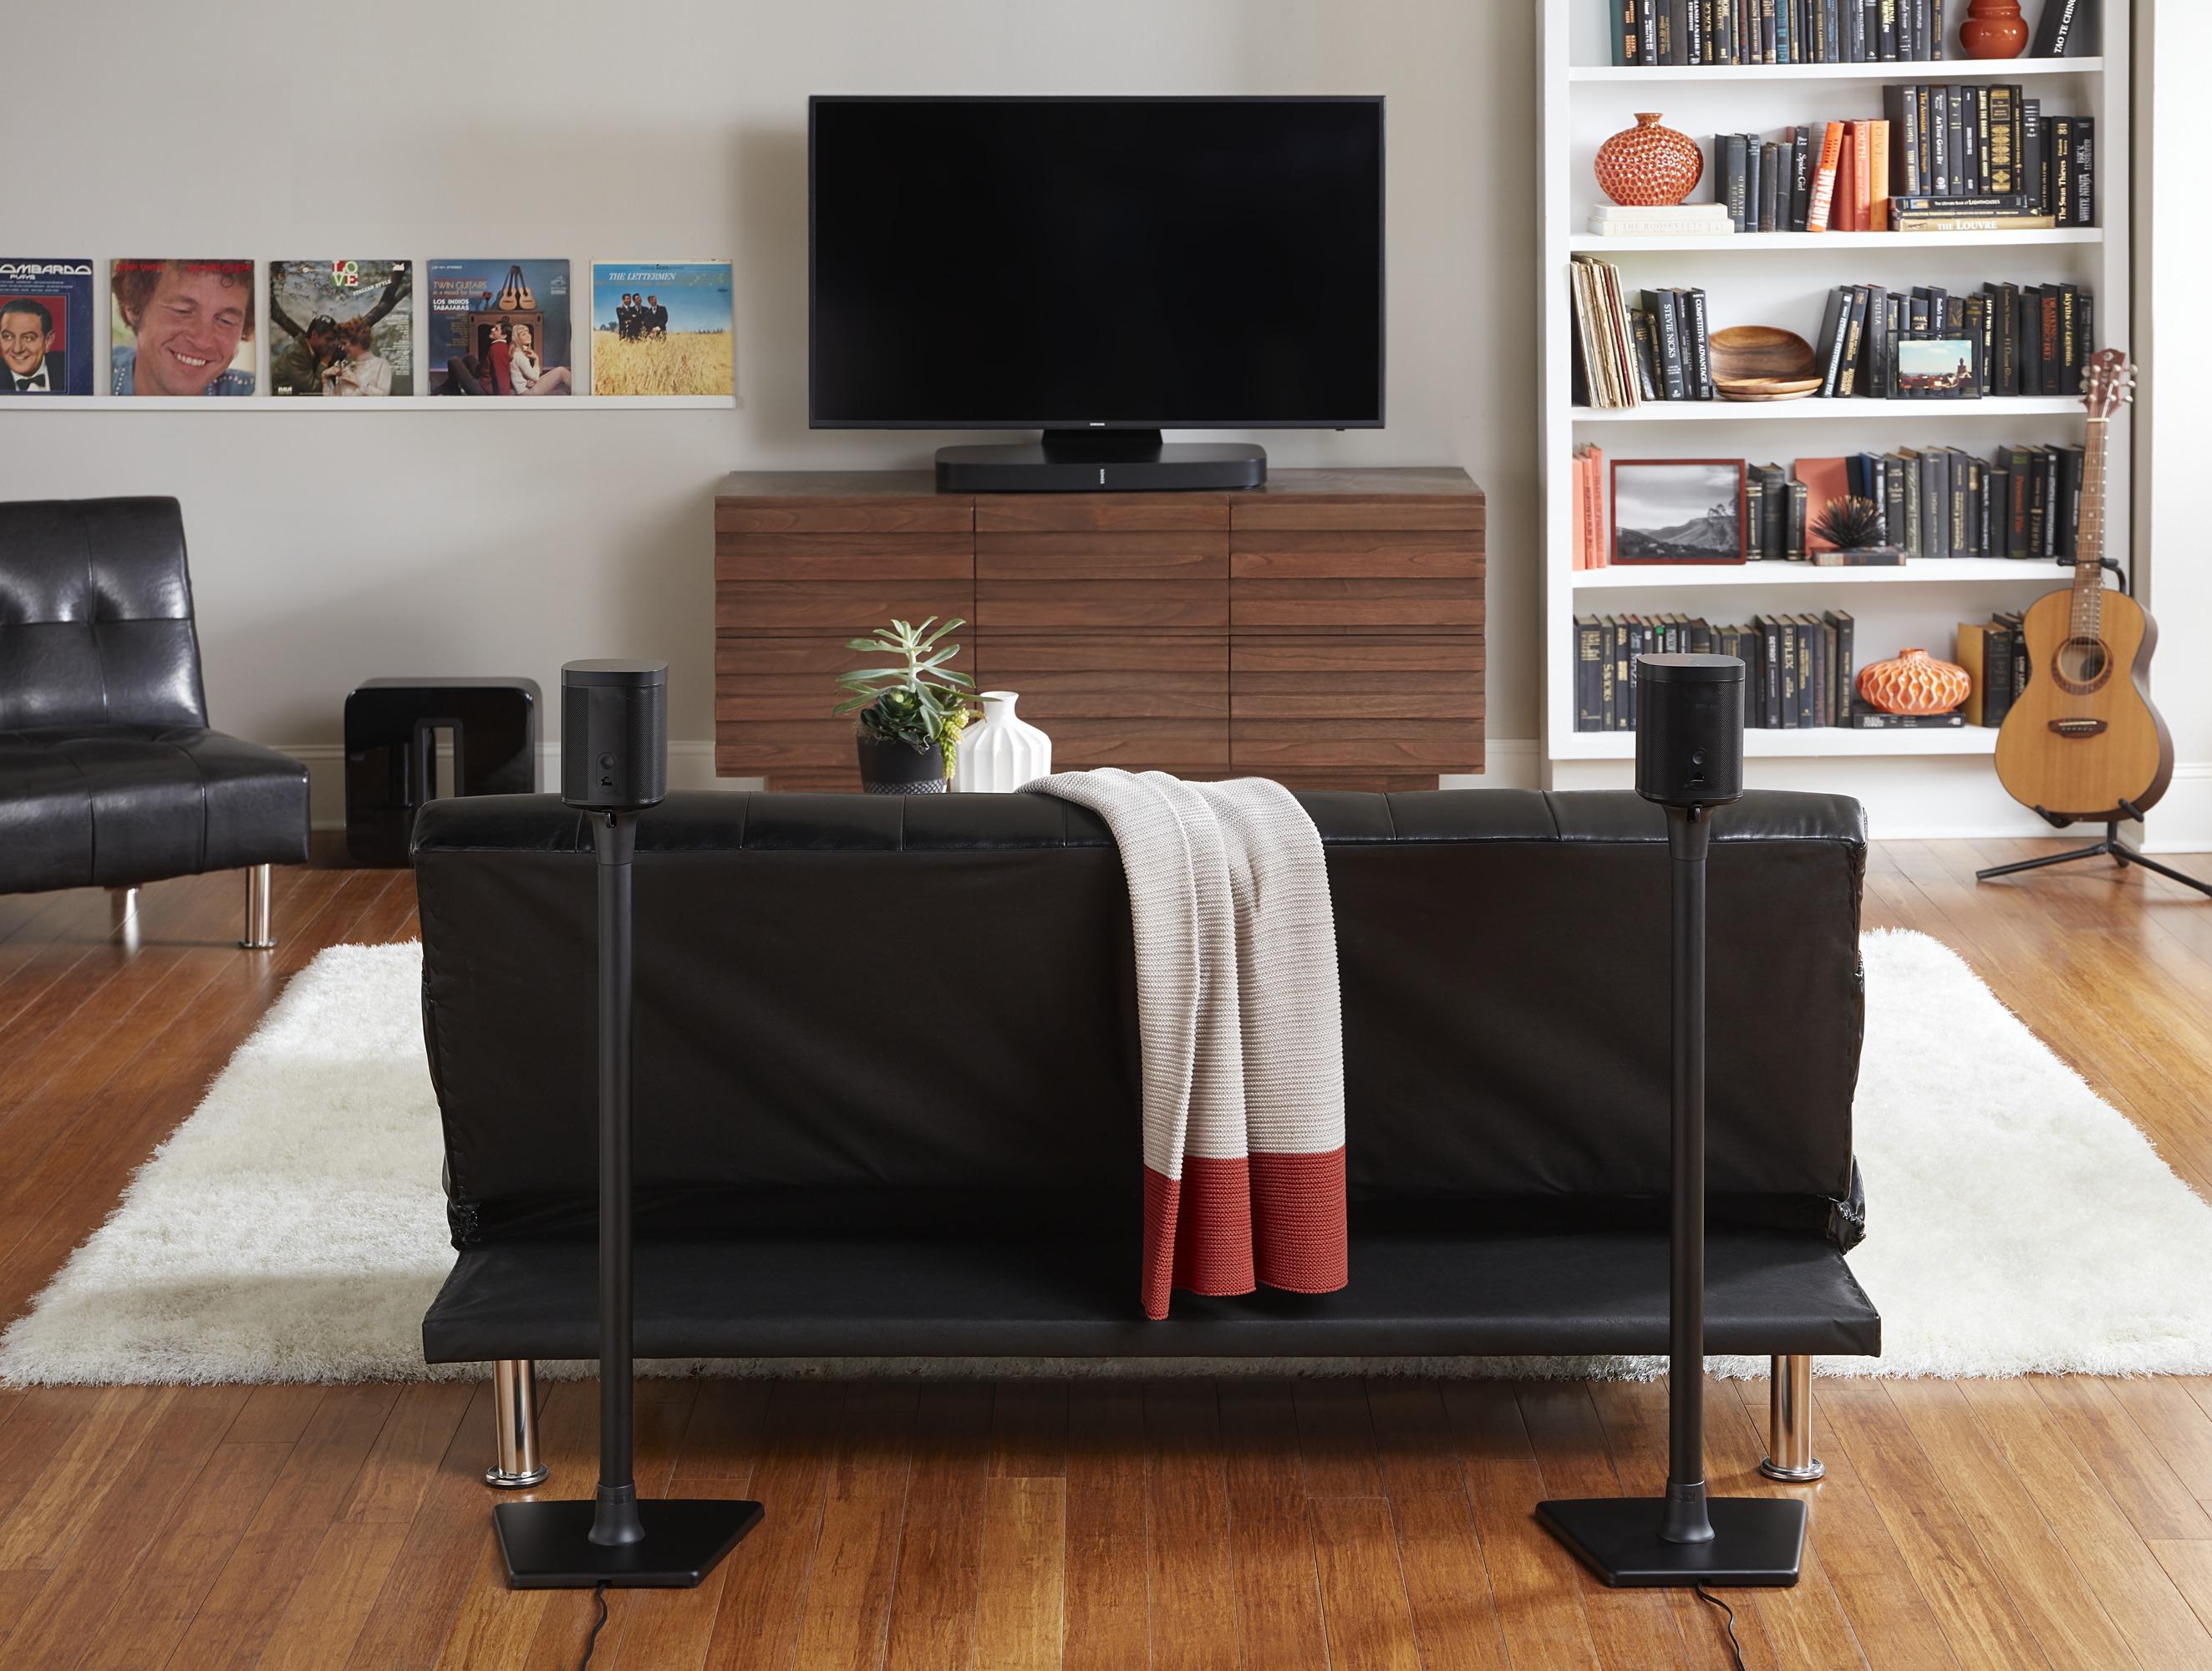 Sonos 5.1 Surround Sound with SANUS Speaker Stands